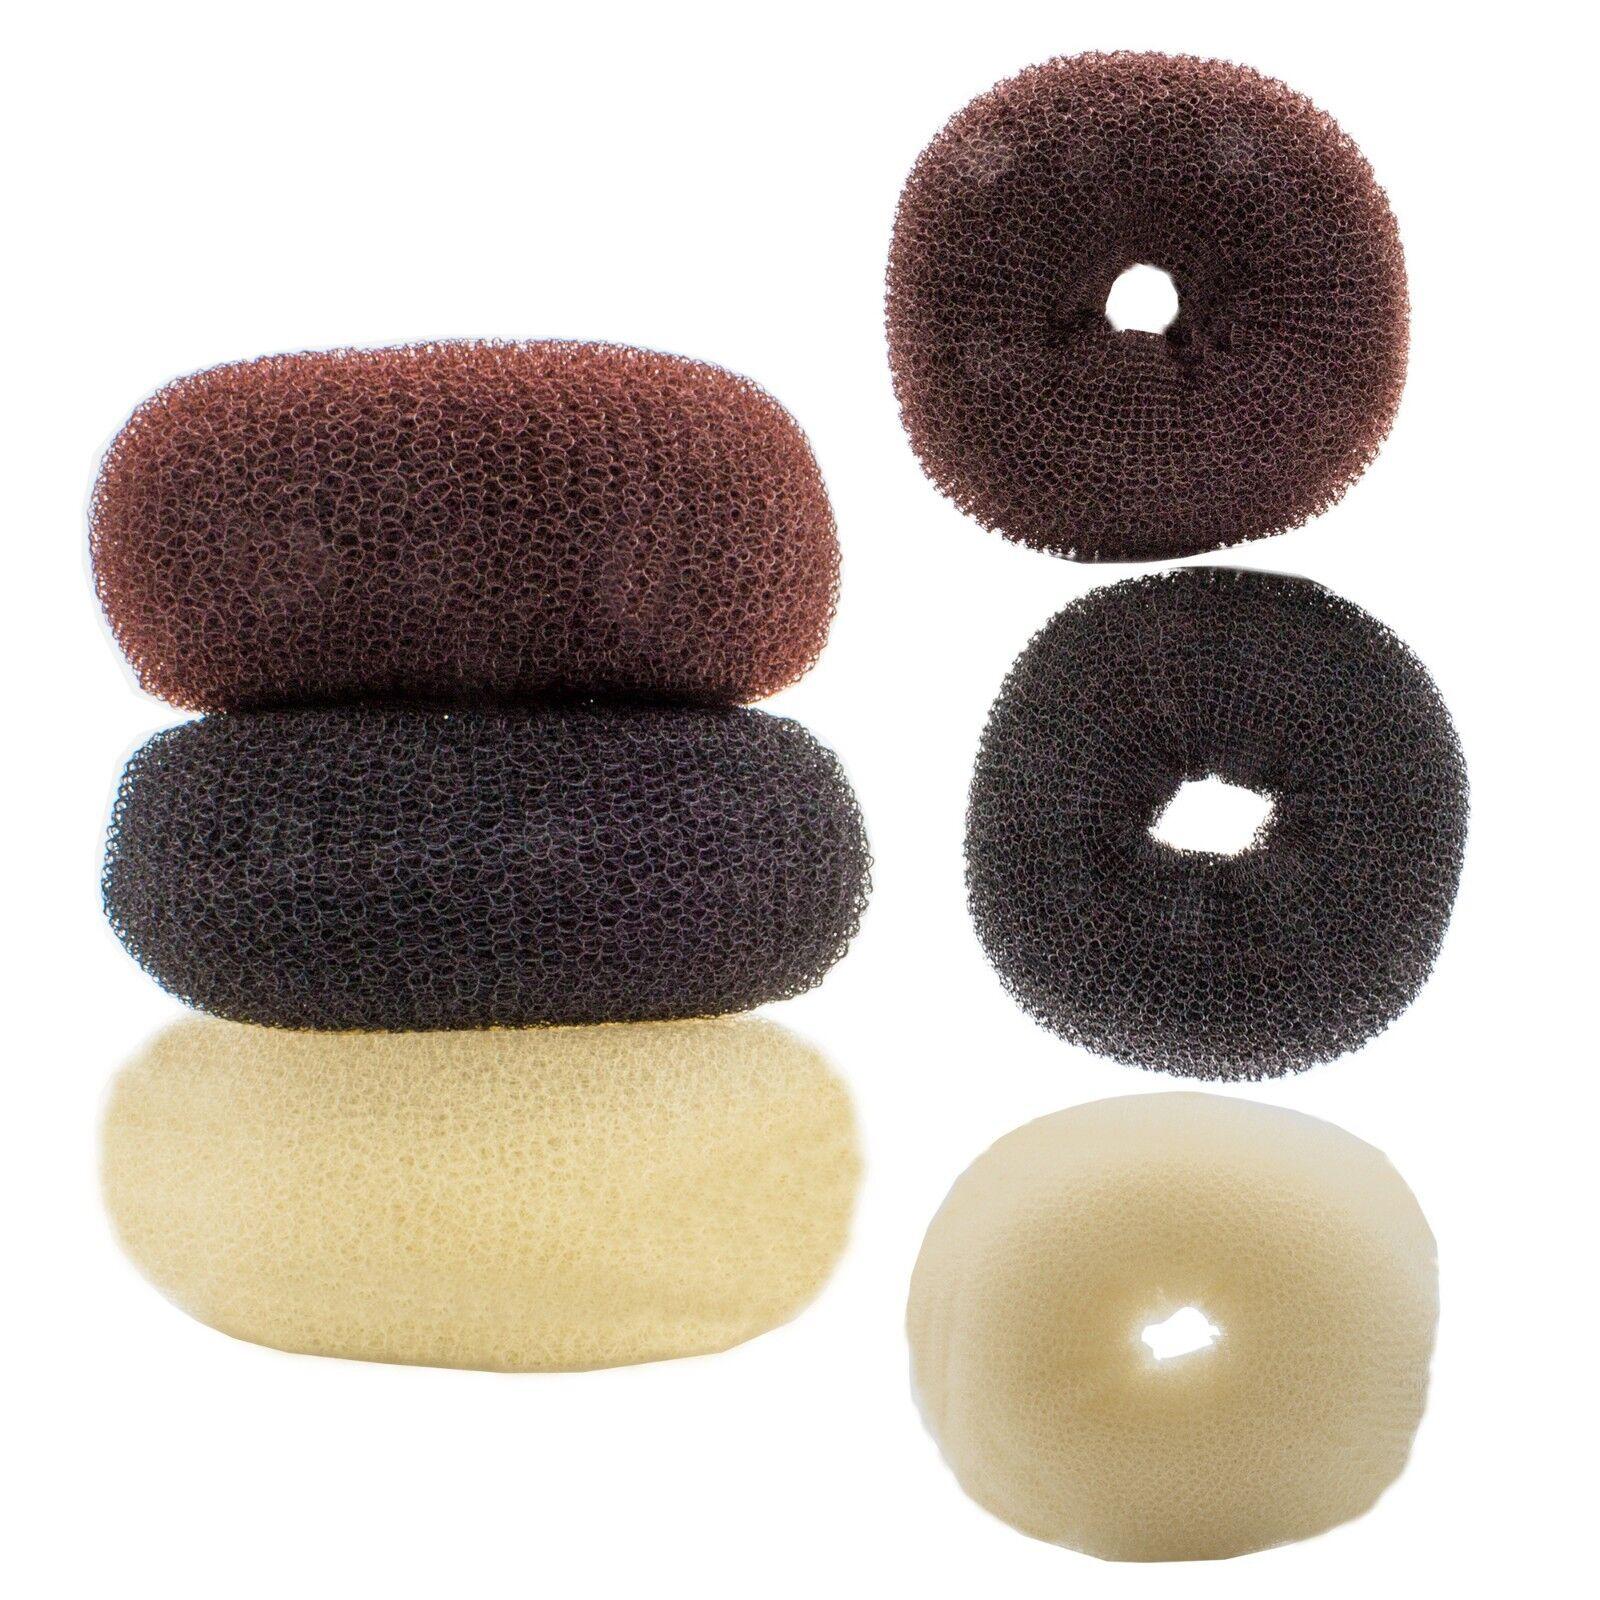 Haarschmuck Haardutt Haarknoten Donut Haardonut Ring Knotenkissen Volumkissen